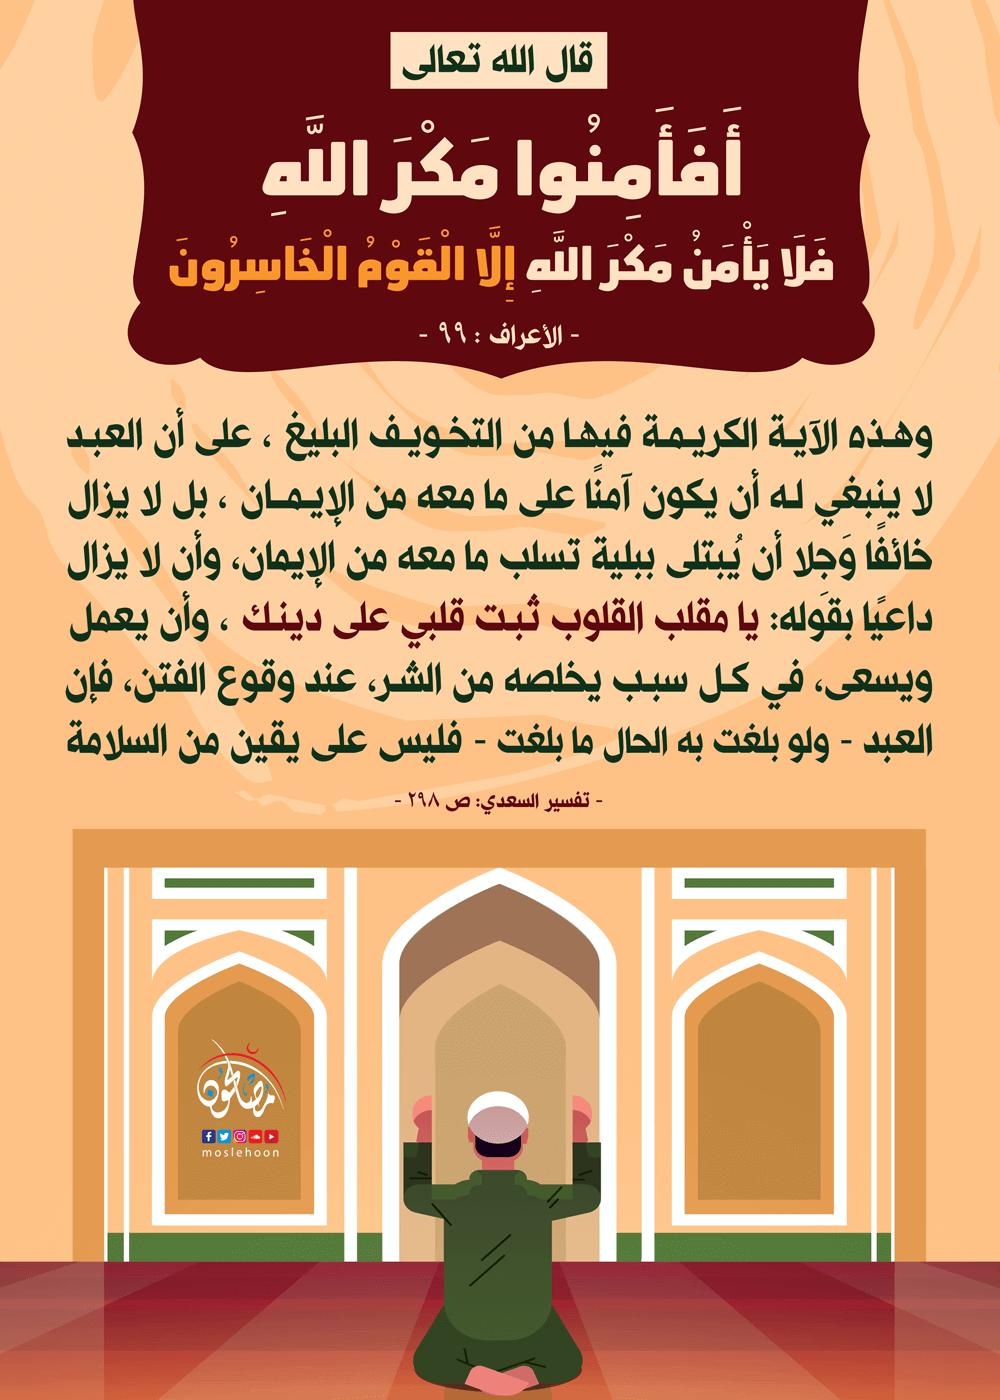 من آيات التخويف البليغ في القرآن الكريم